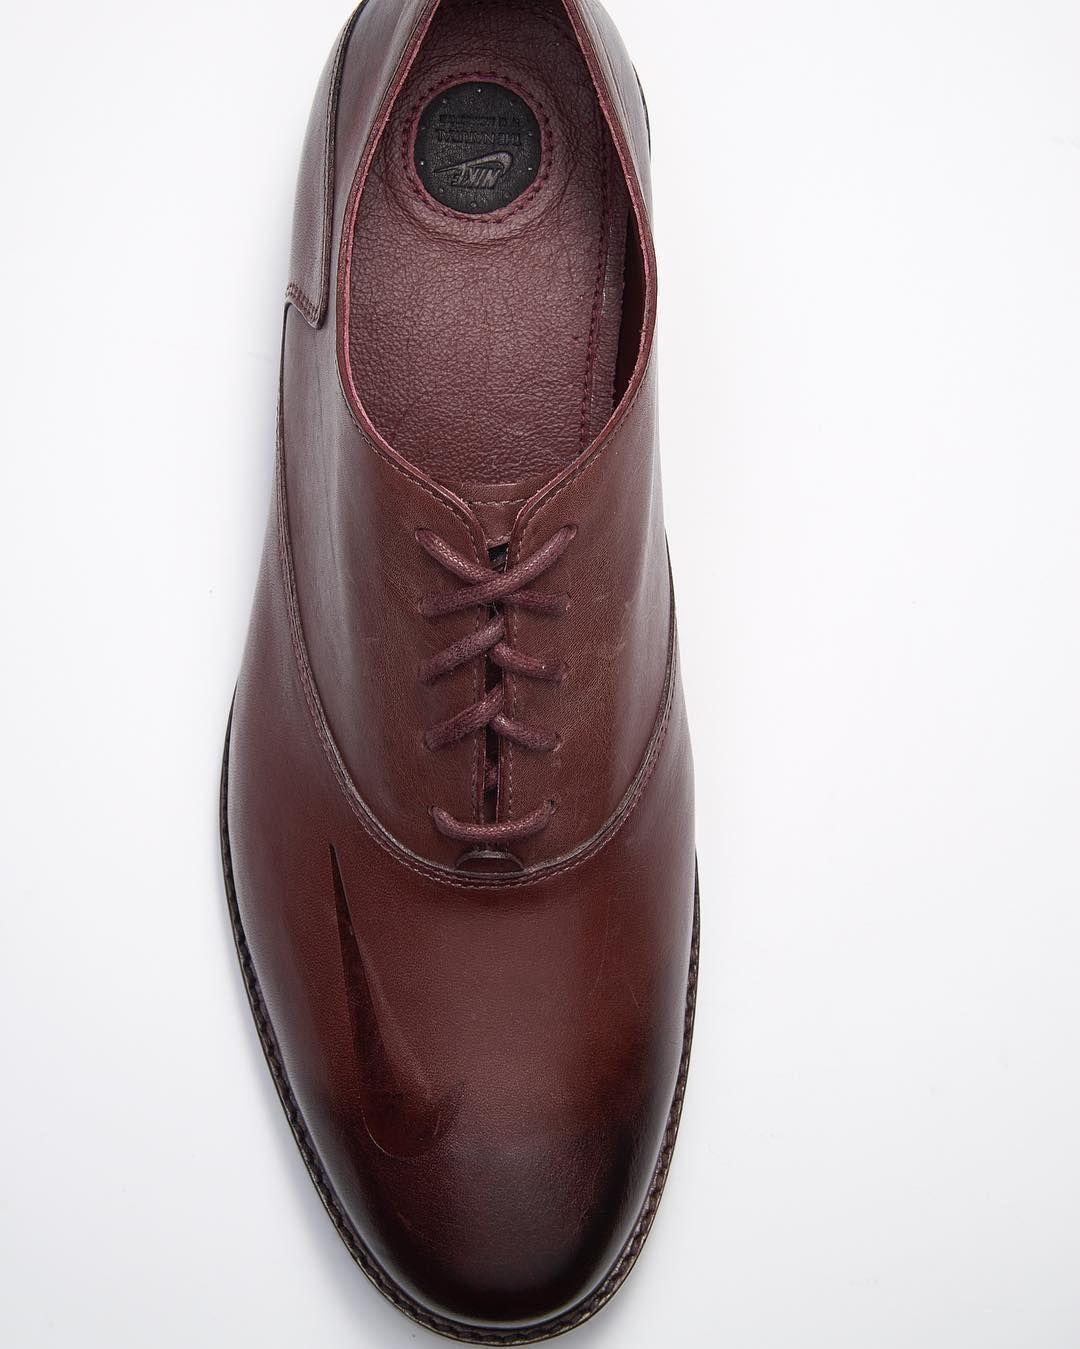 Dress shoes, Nike dress shoes, Dress